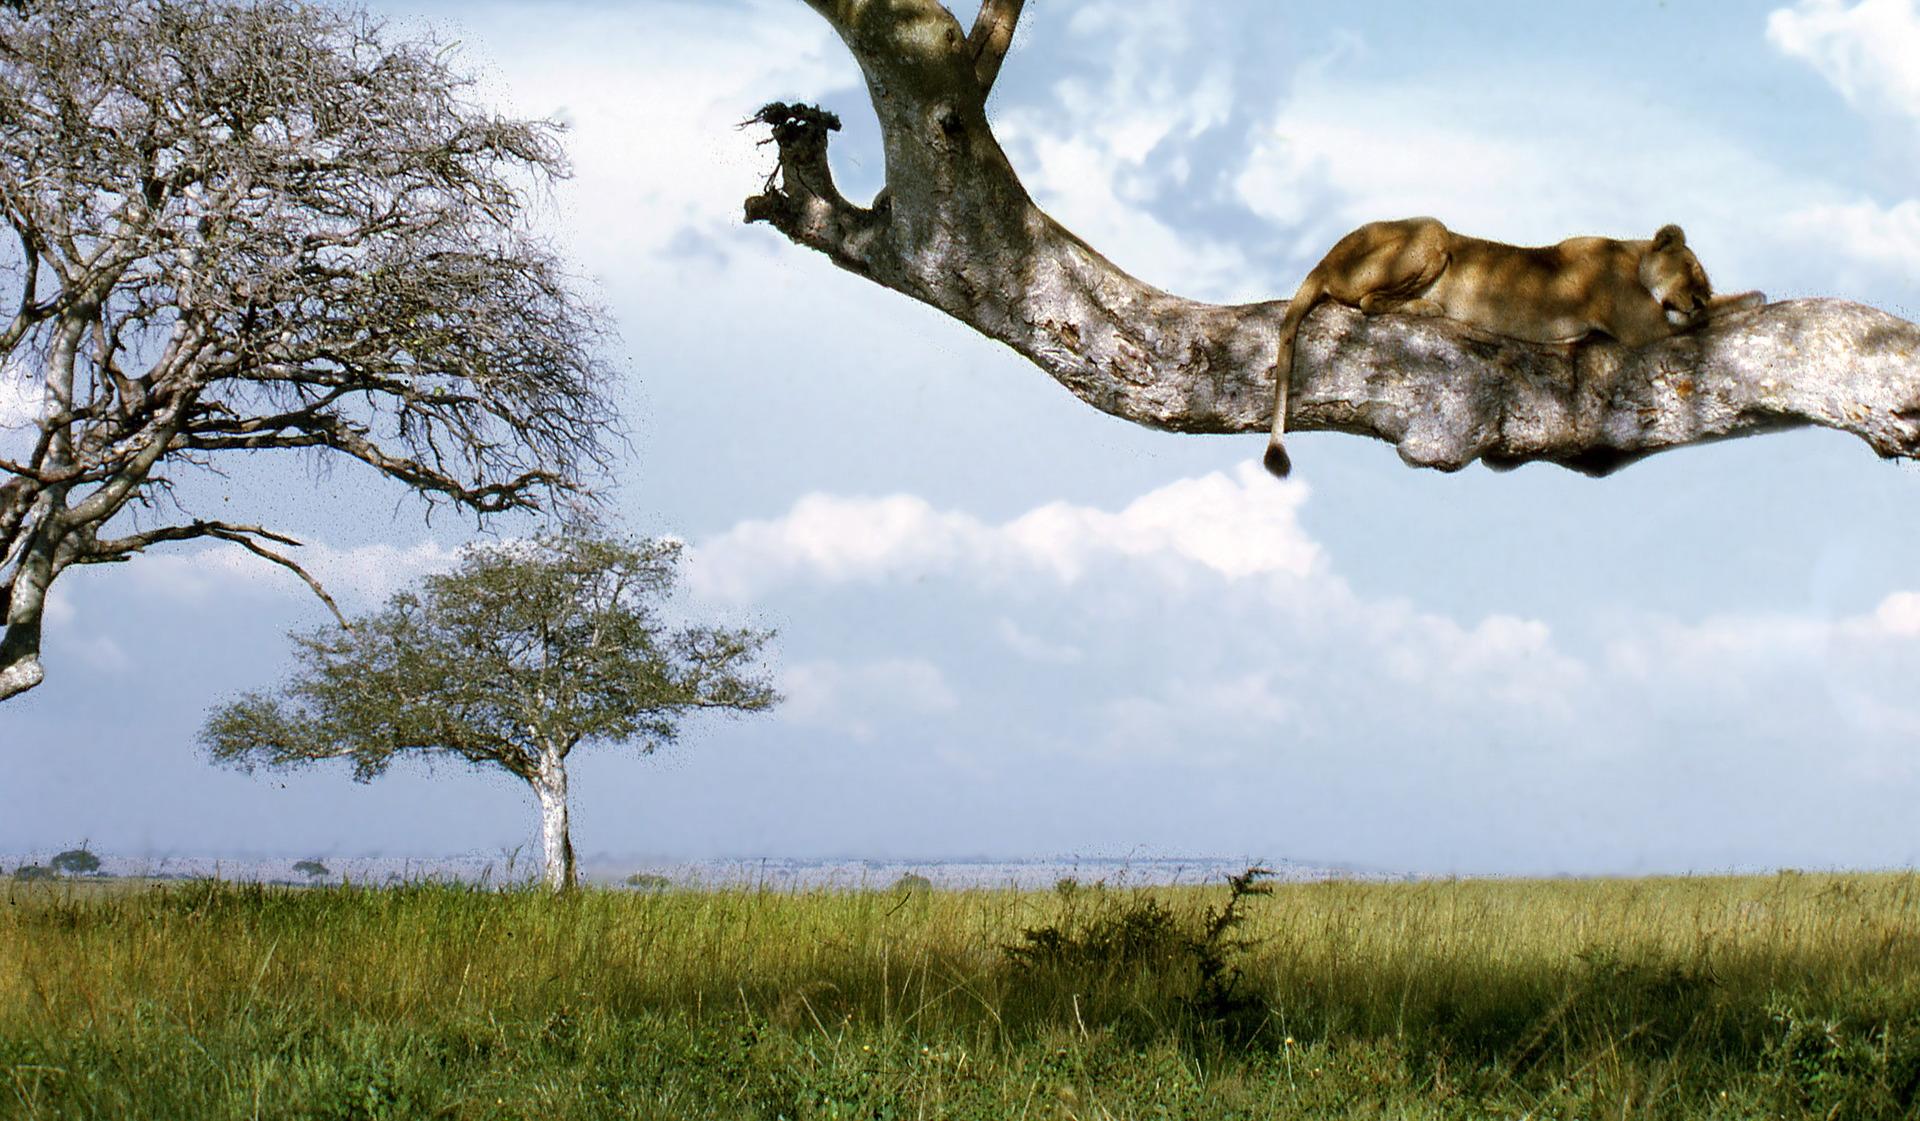 Löwe auf einem Ast in der Steppe Ugandas